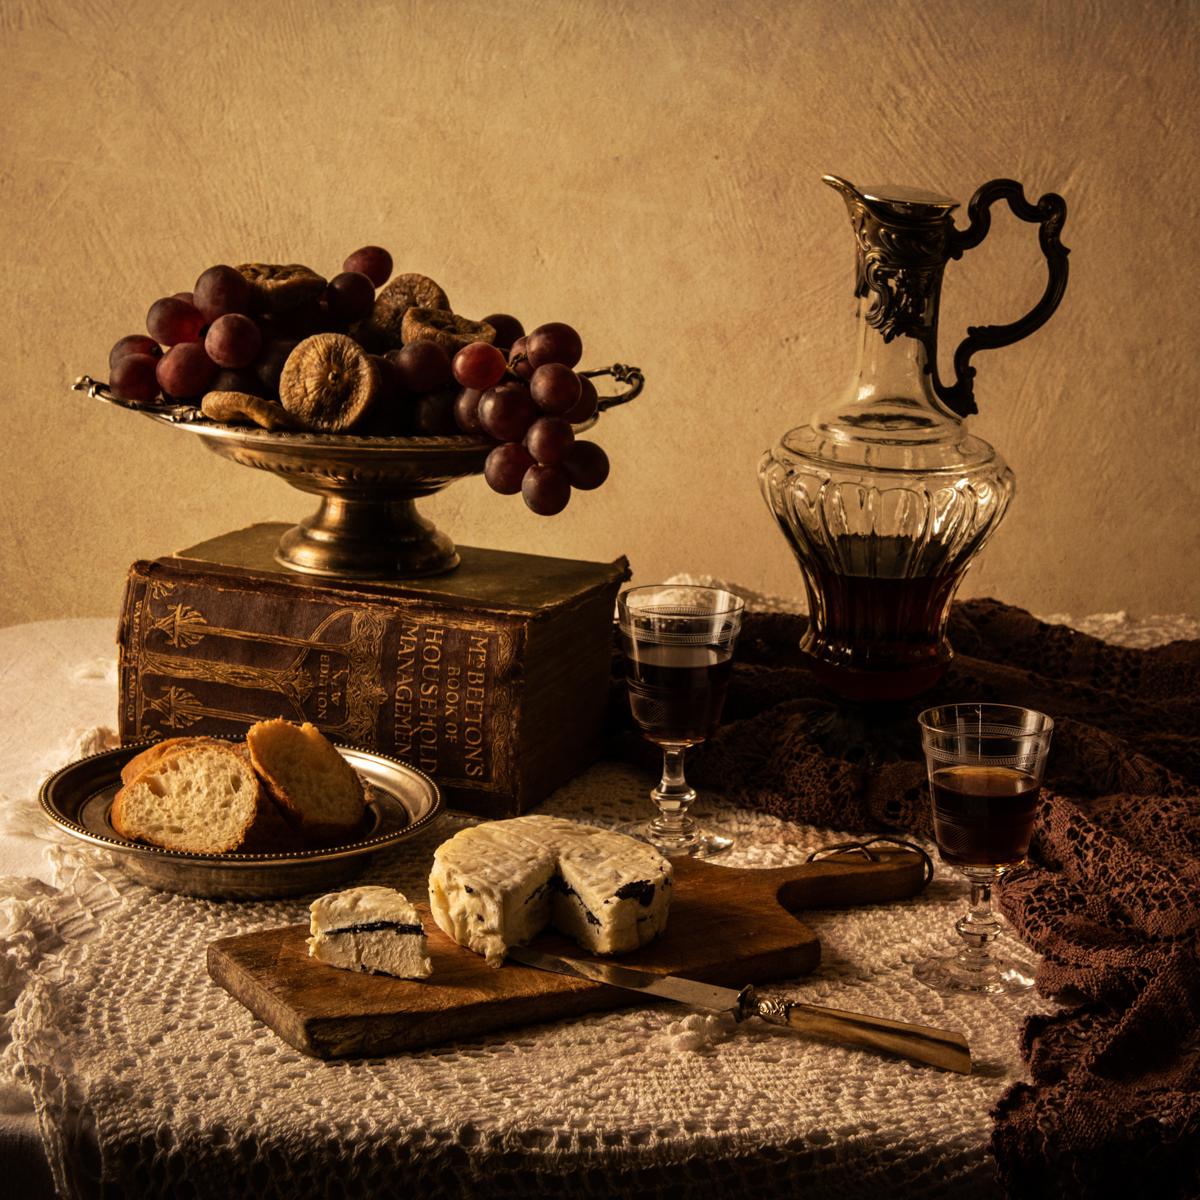 Still life truffle dinner-2.jpg